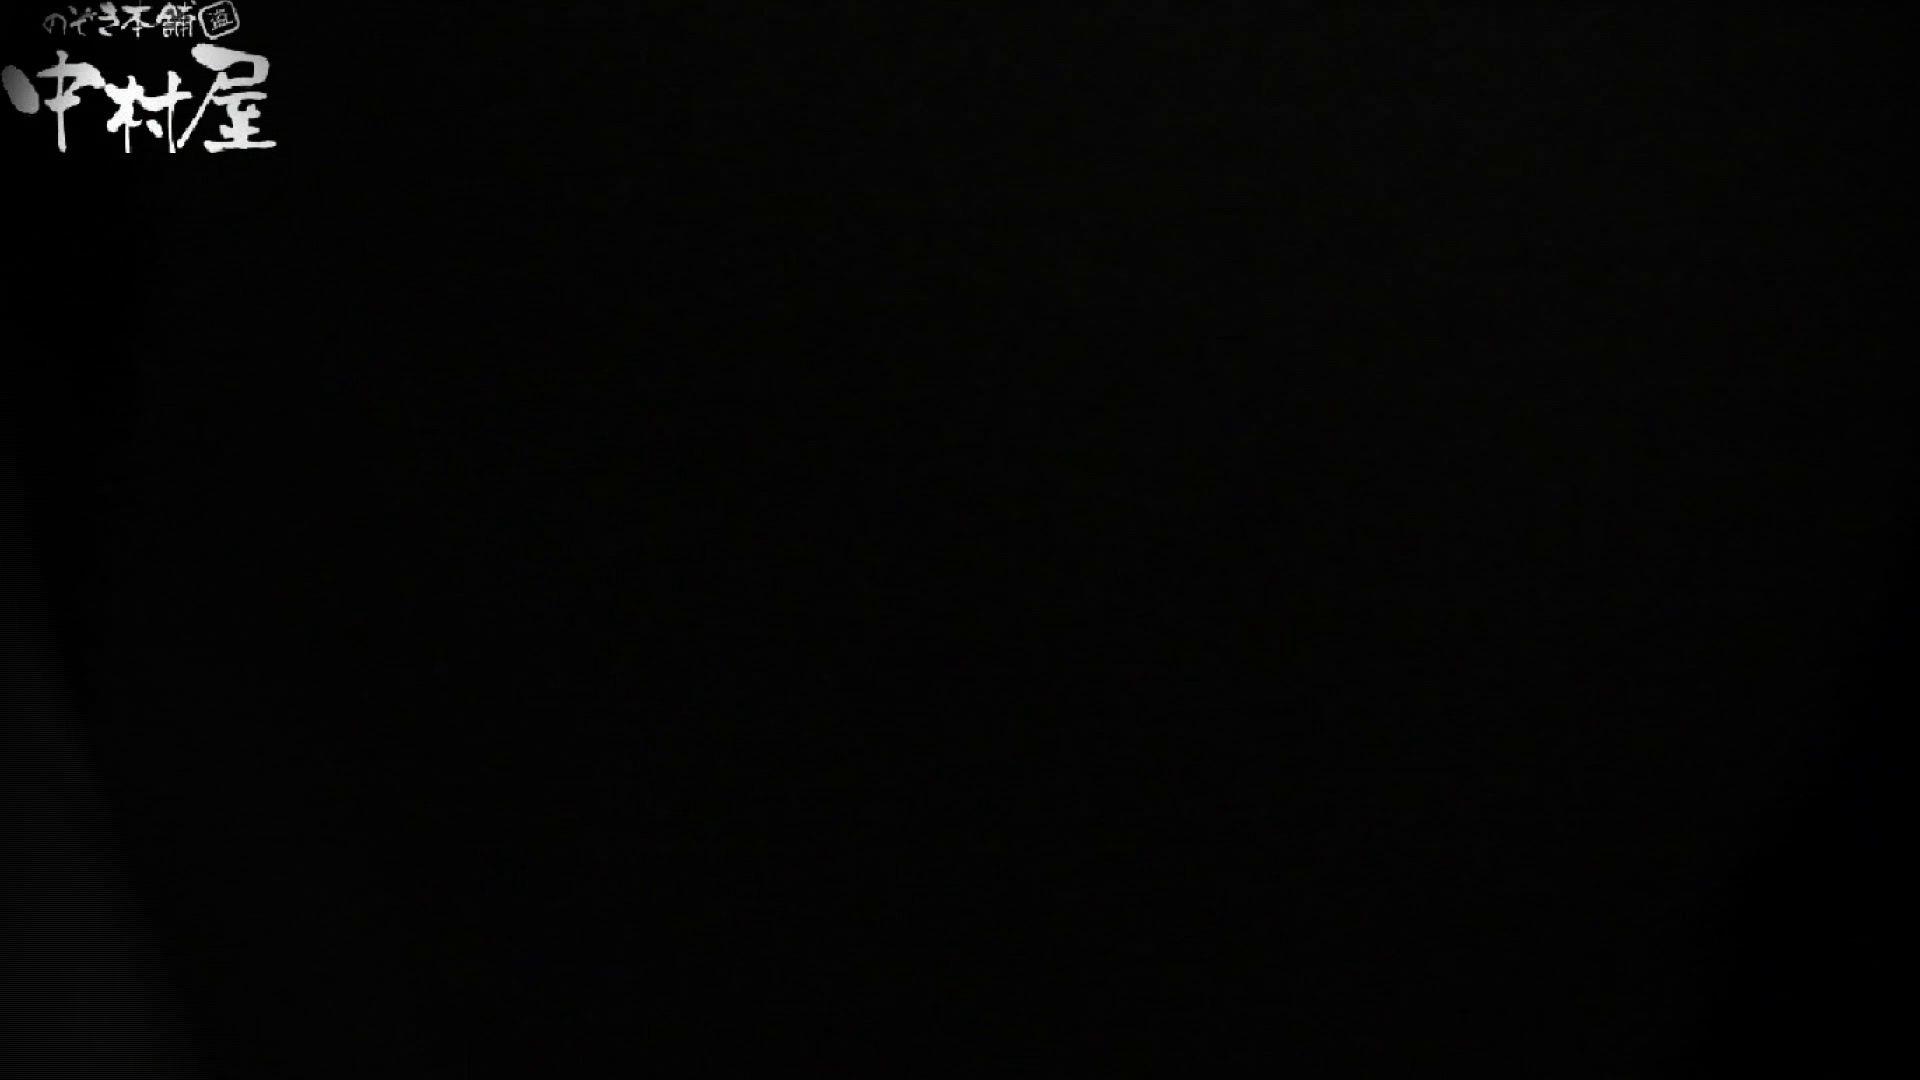 世界の射窓から vol.45 尻出しスマホ 後編 洗面所   OLセックス  60画像 39